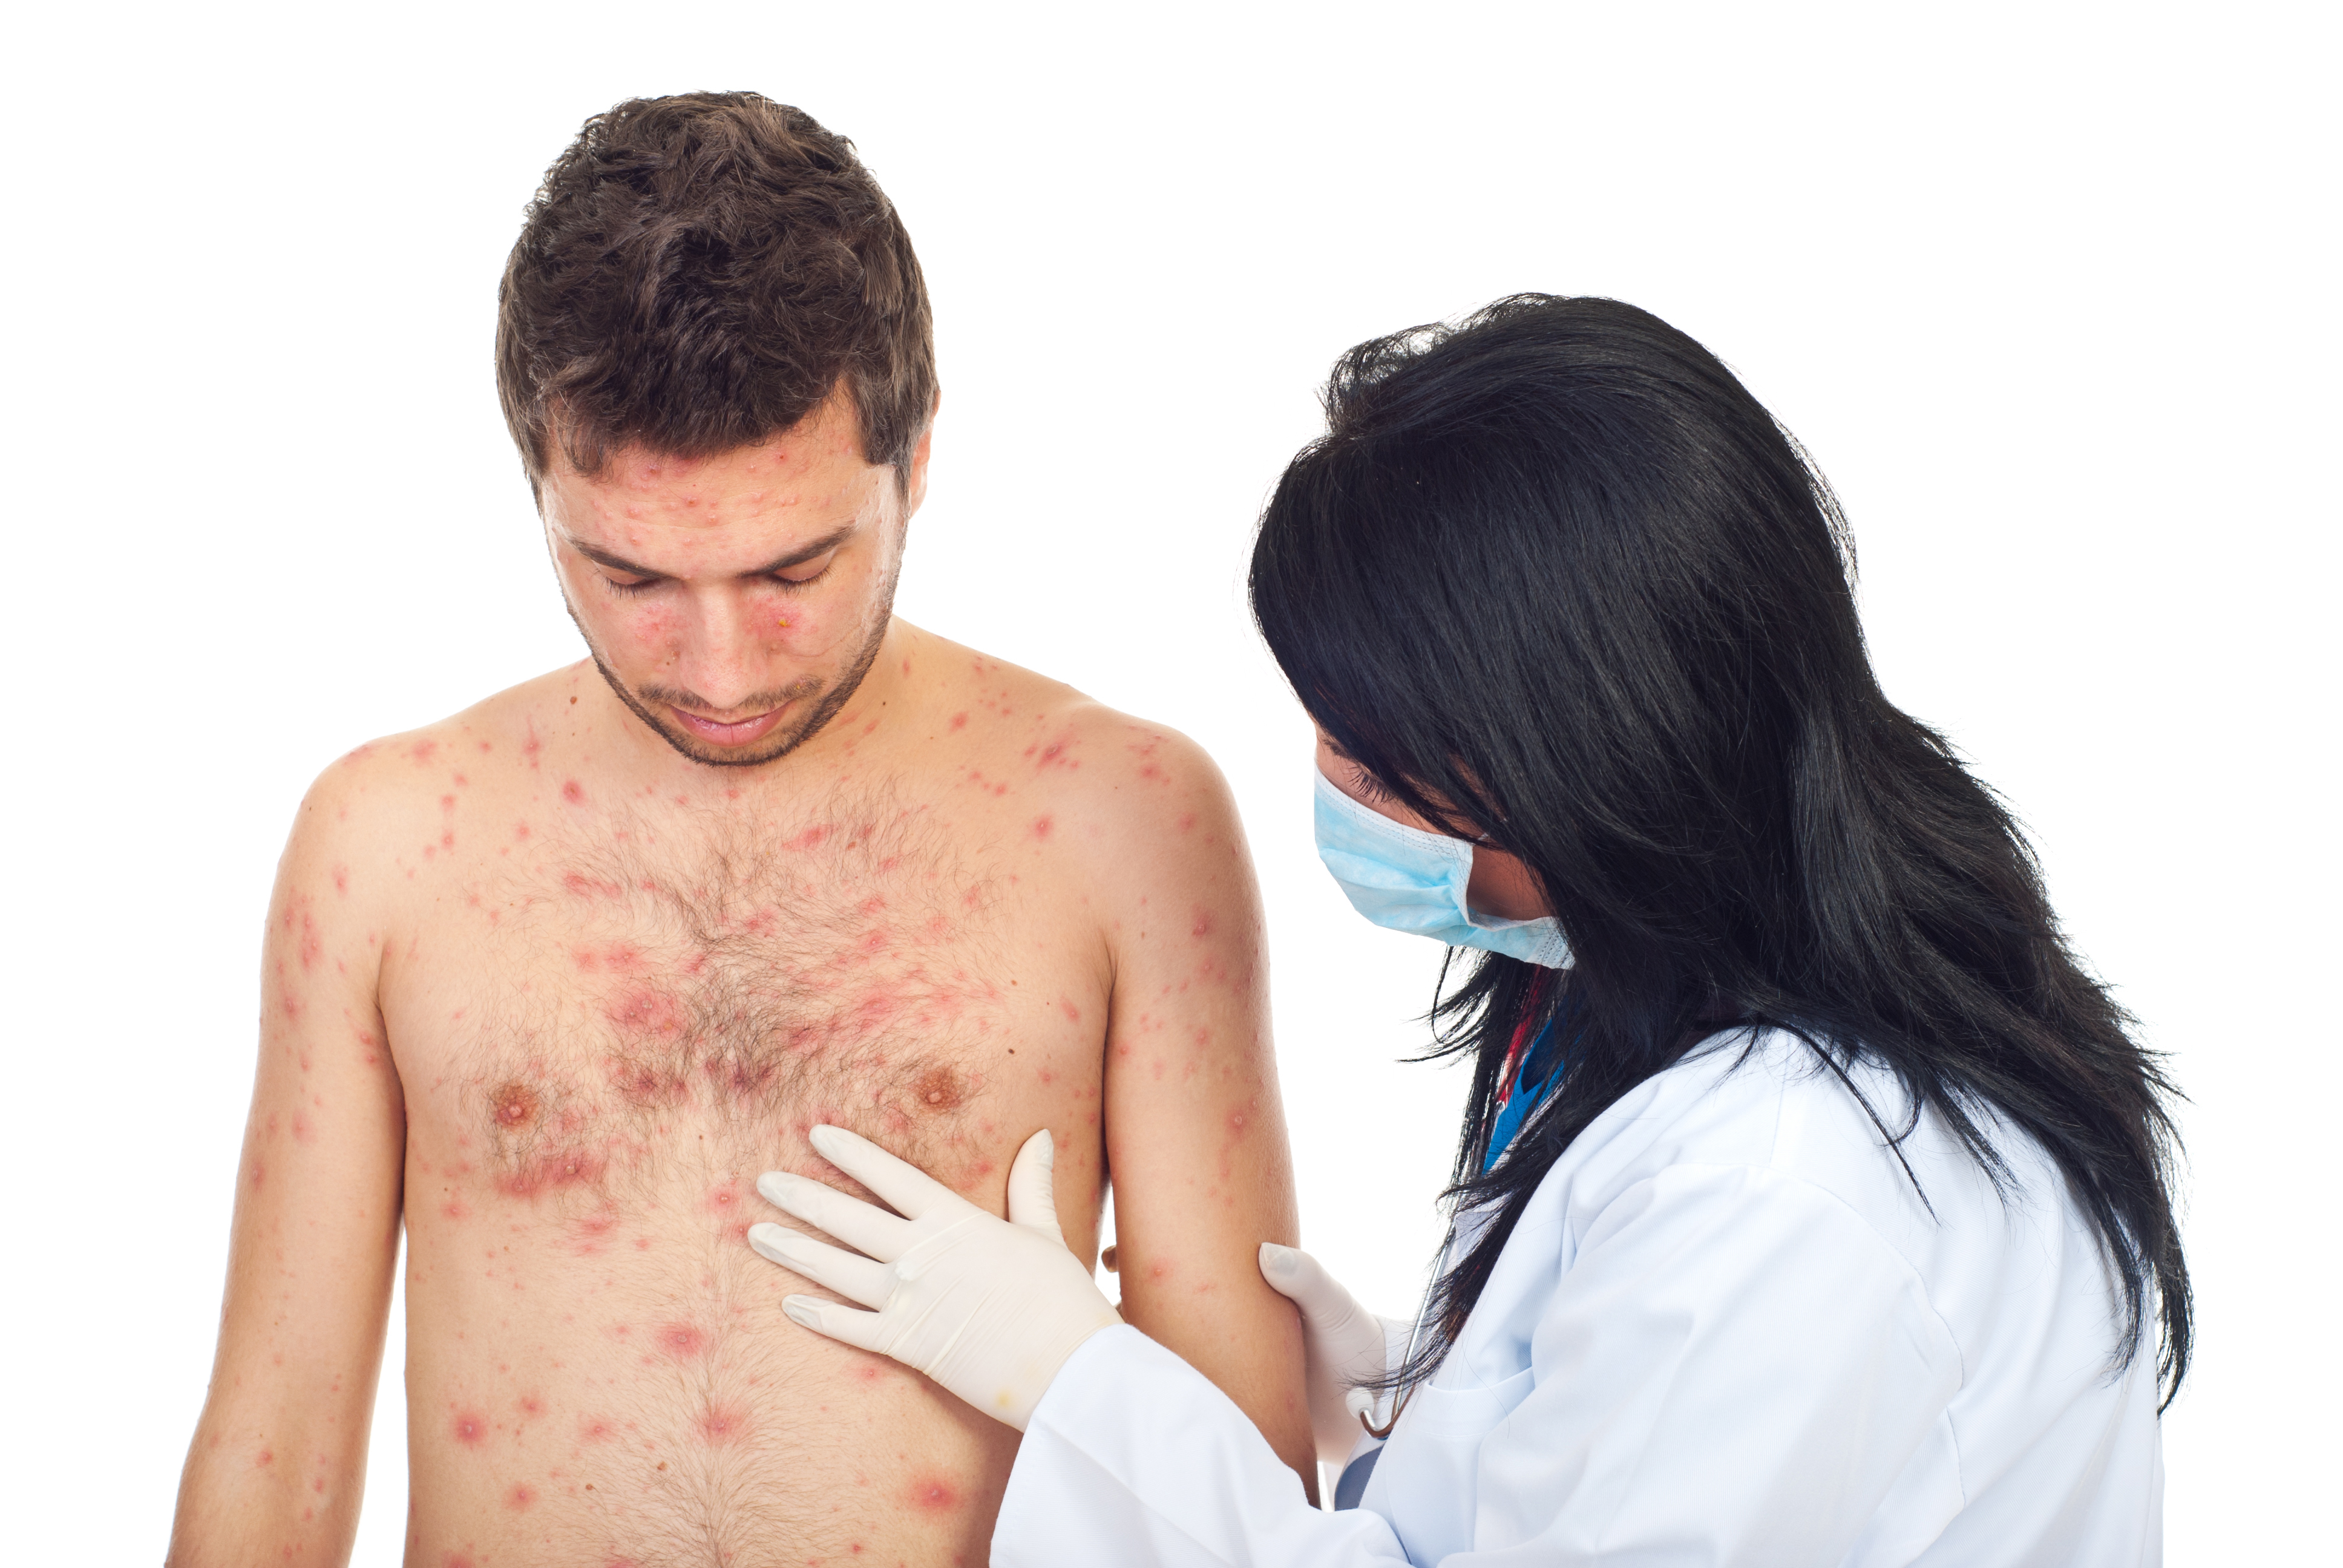 Fjällros är en hudsjukdom som ger irriterade utslag över hela kroppen.